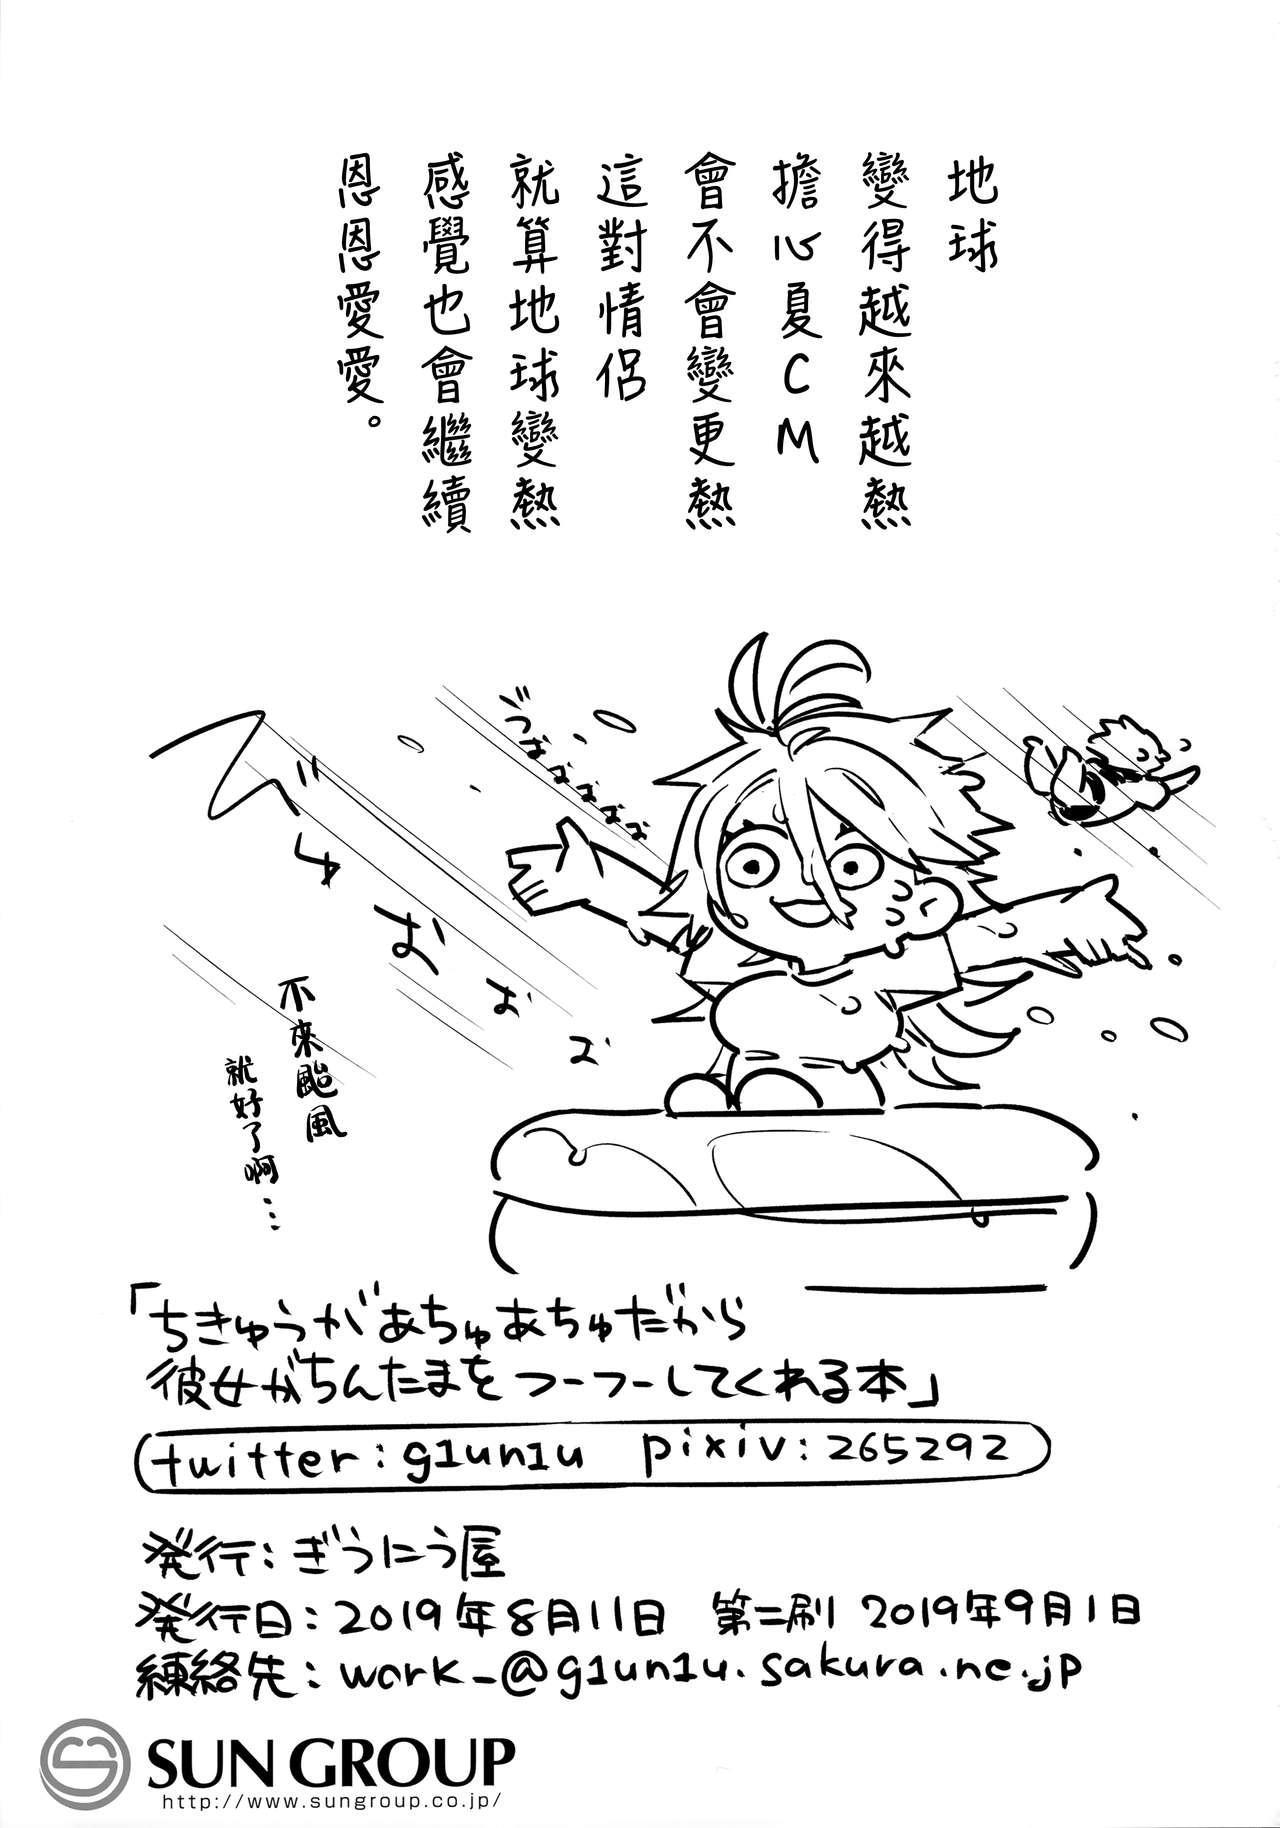 Chikyuu ga Achuachu dakara Kanojo ga Chintama o Fuufuu Shite Kureru Hon 23